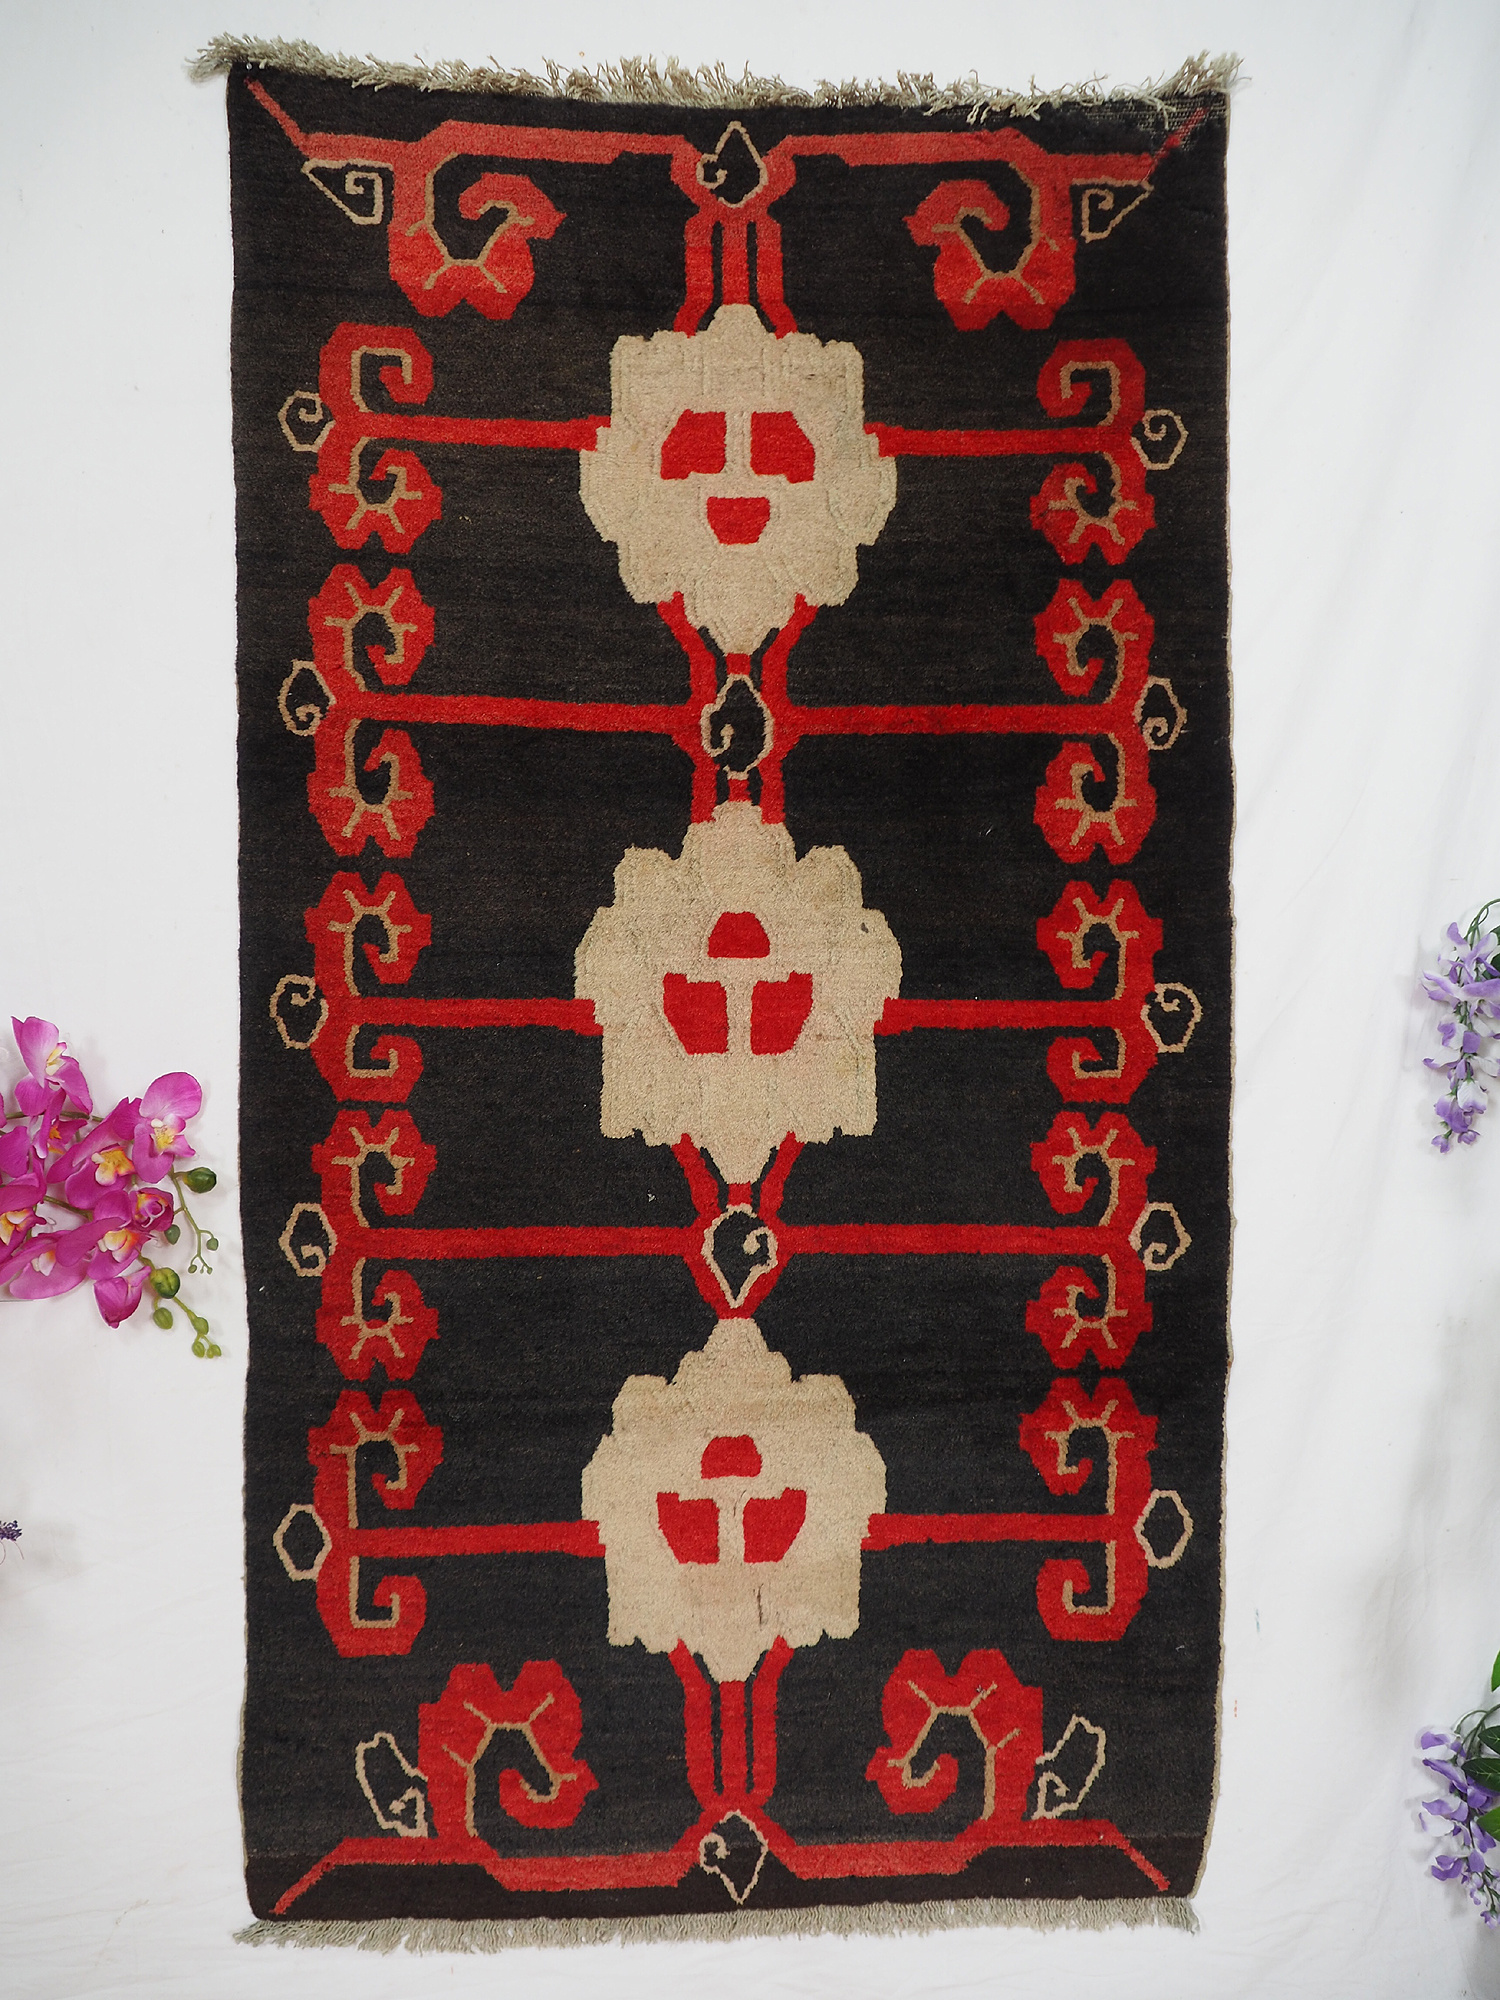 150x83 cm antik Tibetischer Khaden Yoga Meditation Dorfteppich buddhistische Klöster gebetsteppich Teppich Schlafteppich Nr.